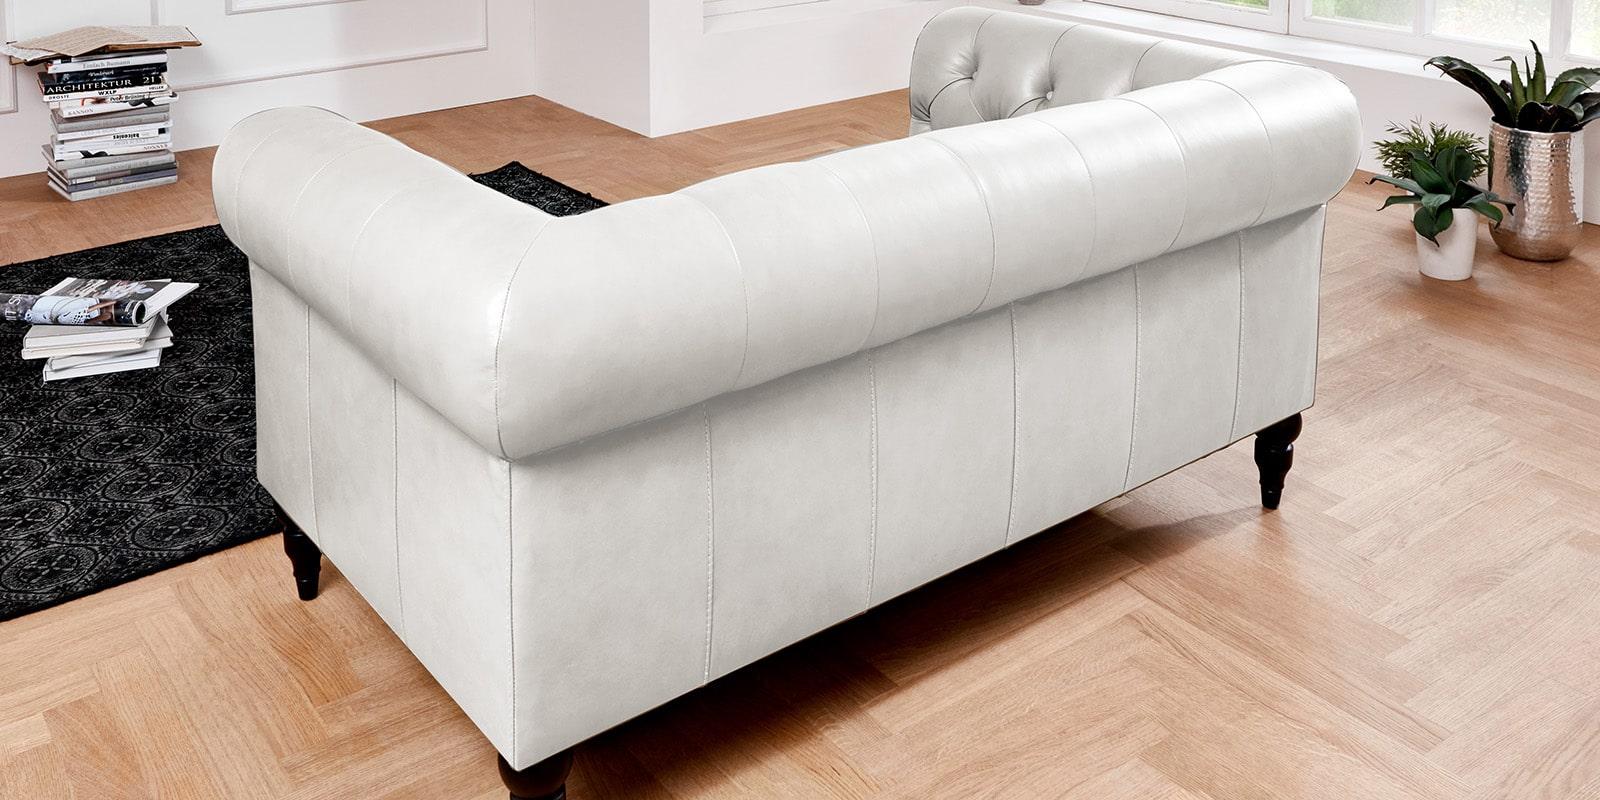 Moebella24 - 3-2-1-Sitzer - Sofa - Hudson - Chesterfield - Leder - Weiß - Dekorative - Nähte - und - Versteppungen - Barock-Design - Füße - Detailaufnahme